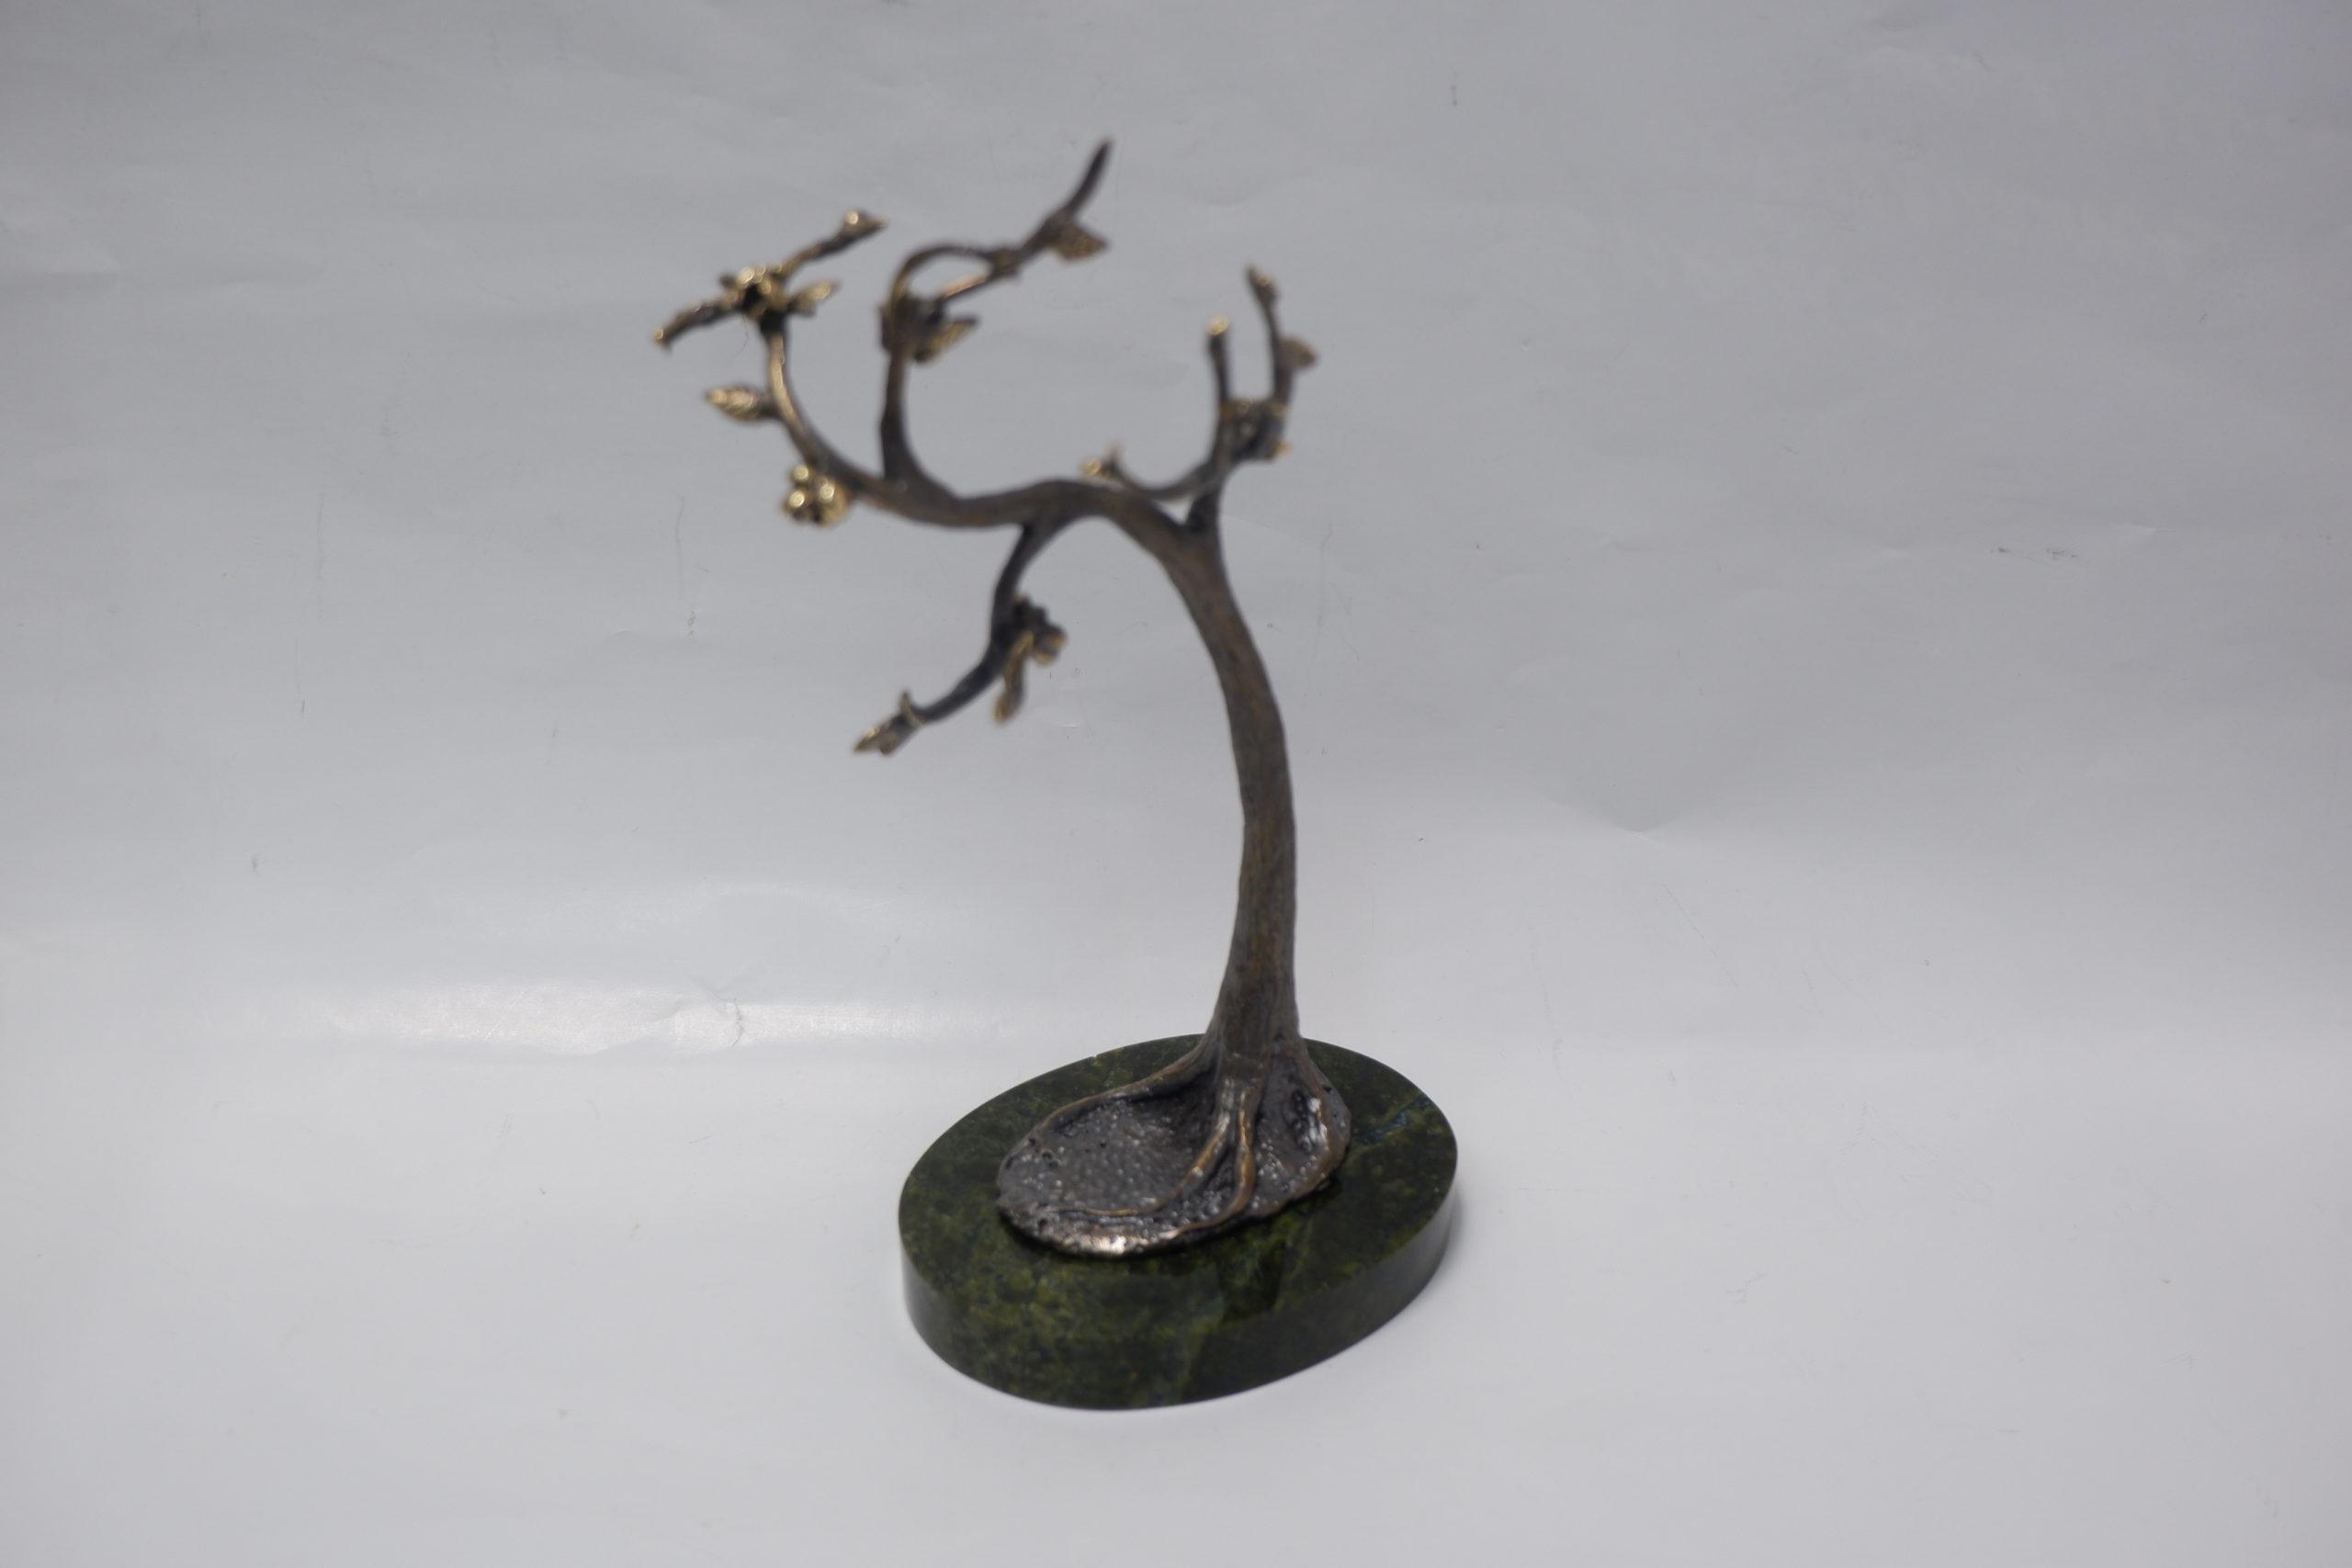 Дерево для украшений из бронзы на змеевике